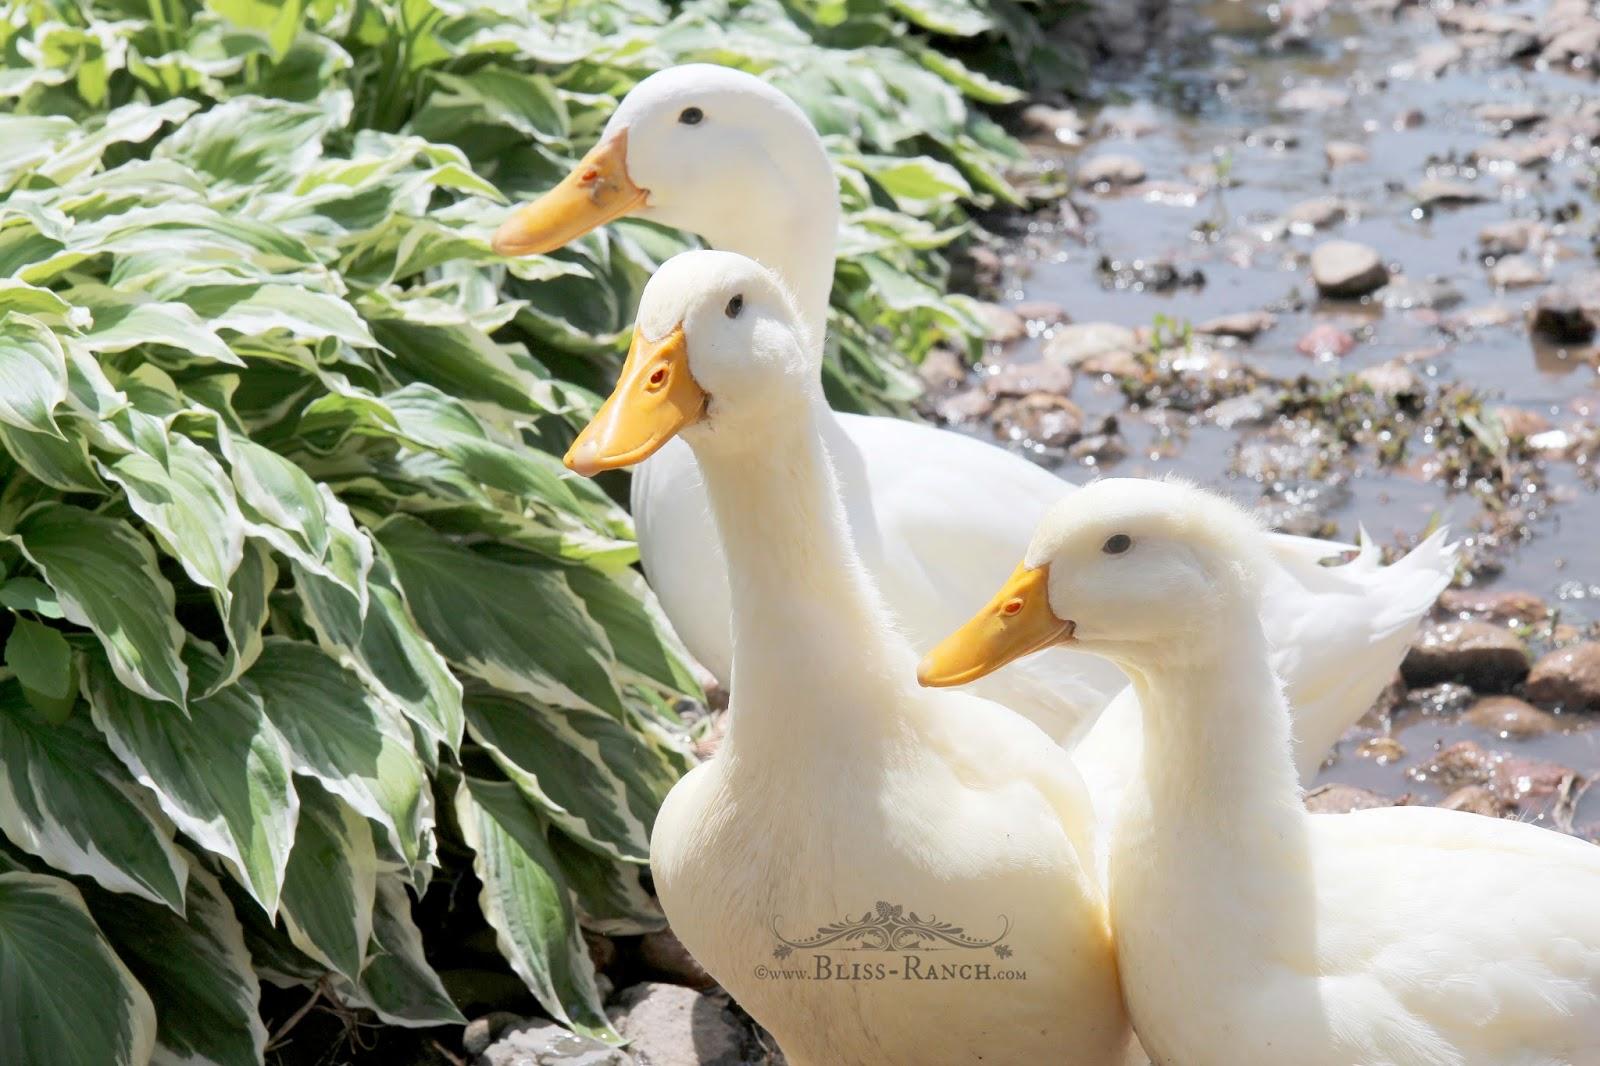 Ducks Bliss-Ranch.com